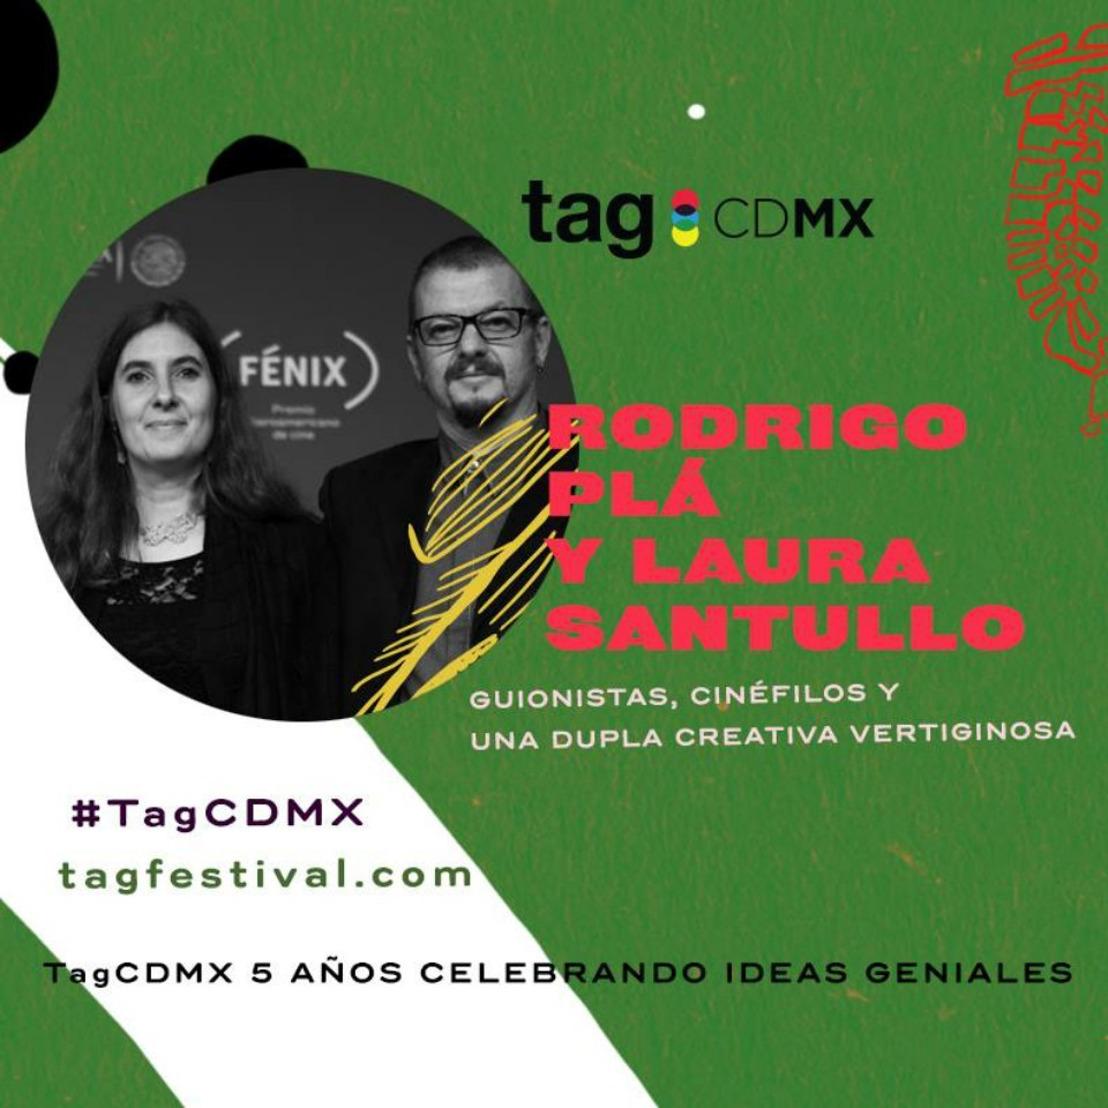 Cinema23 y Premios Fénix participan hoy en Tag CDMX 2017